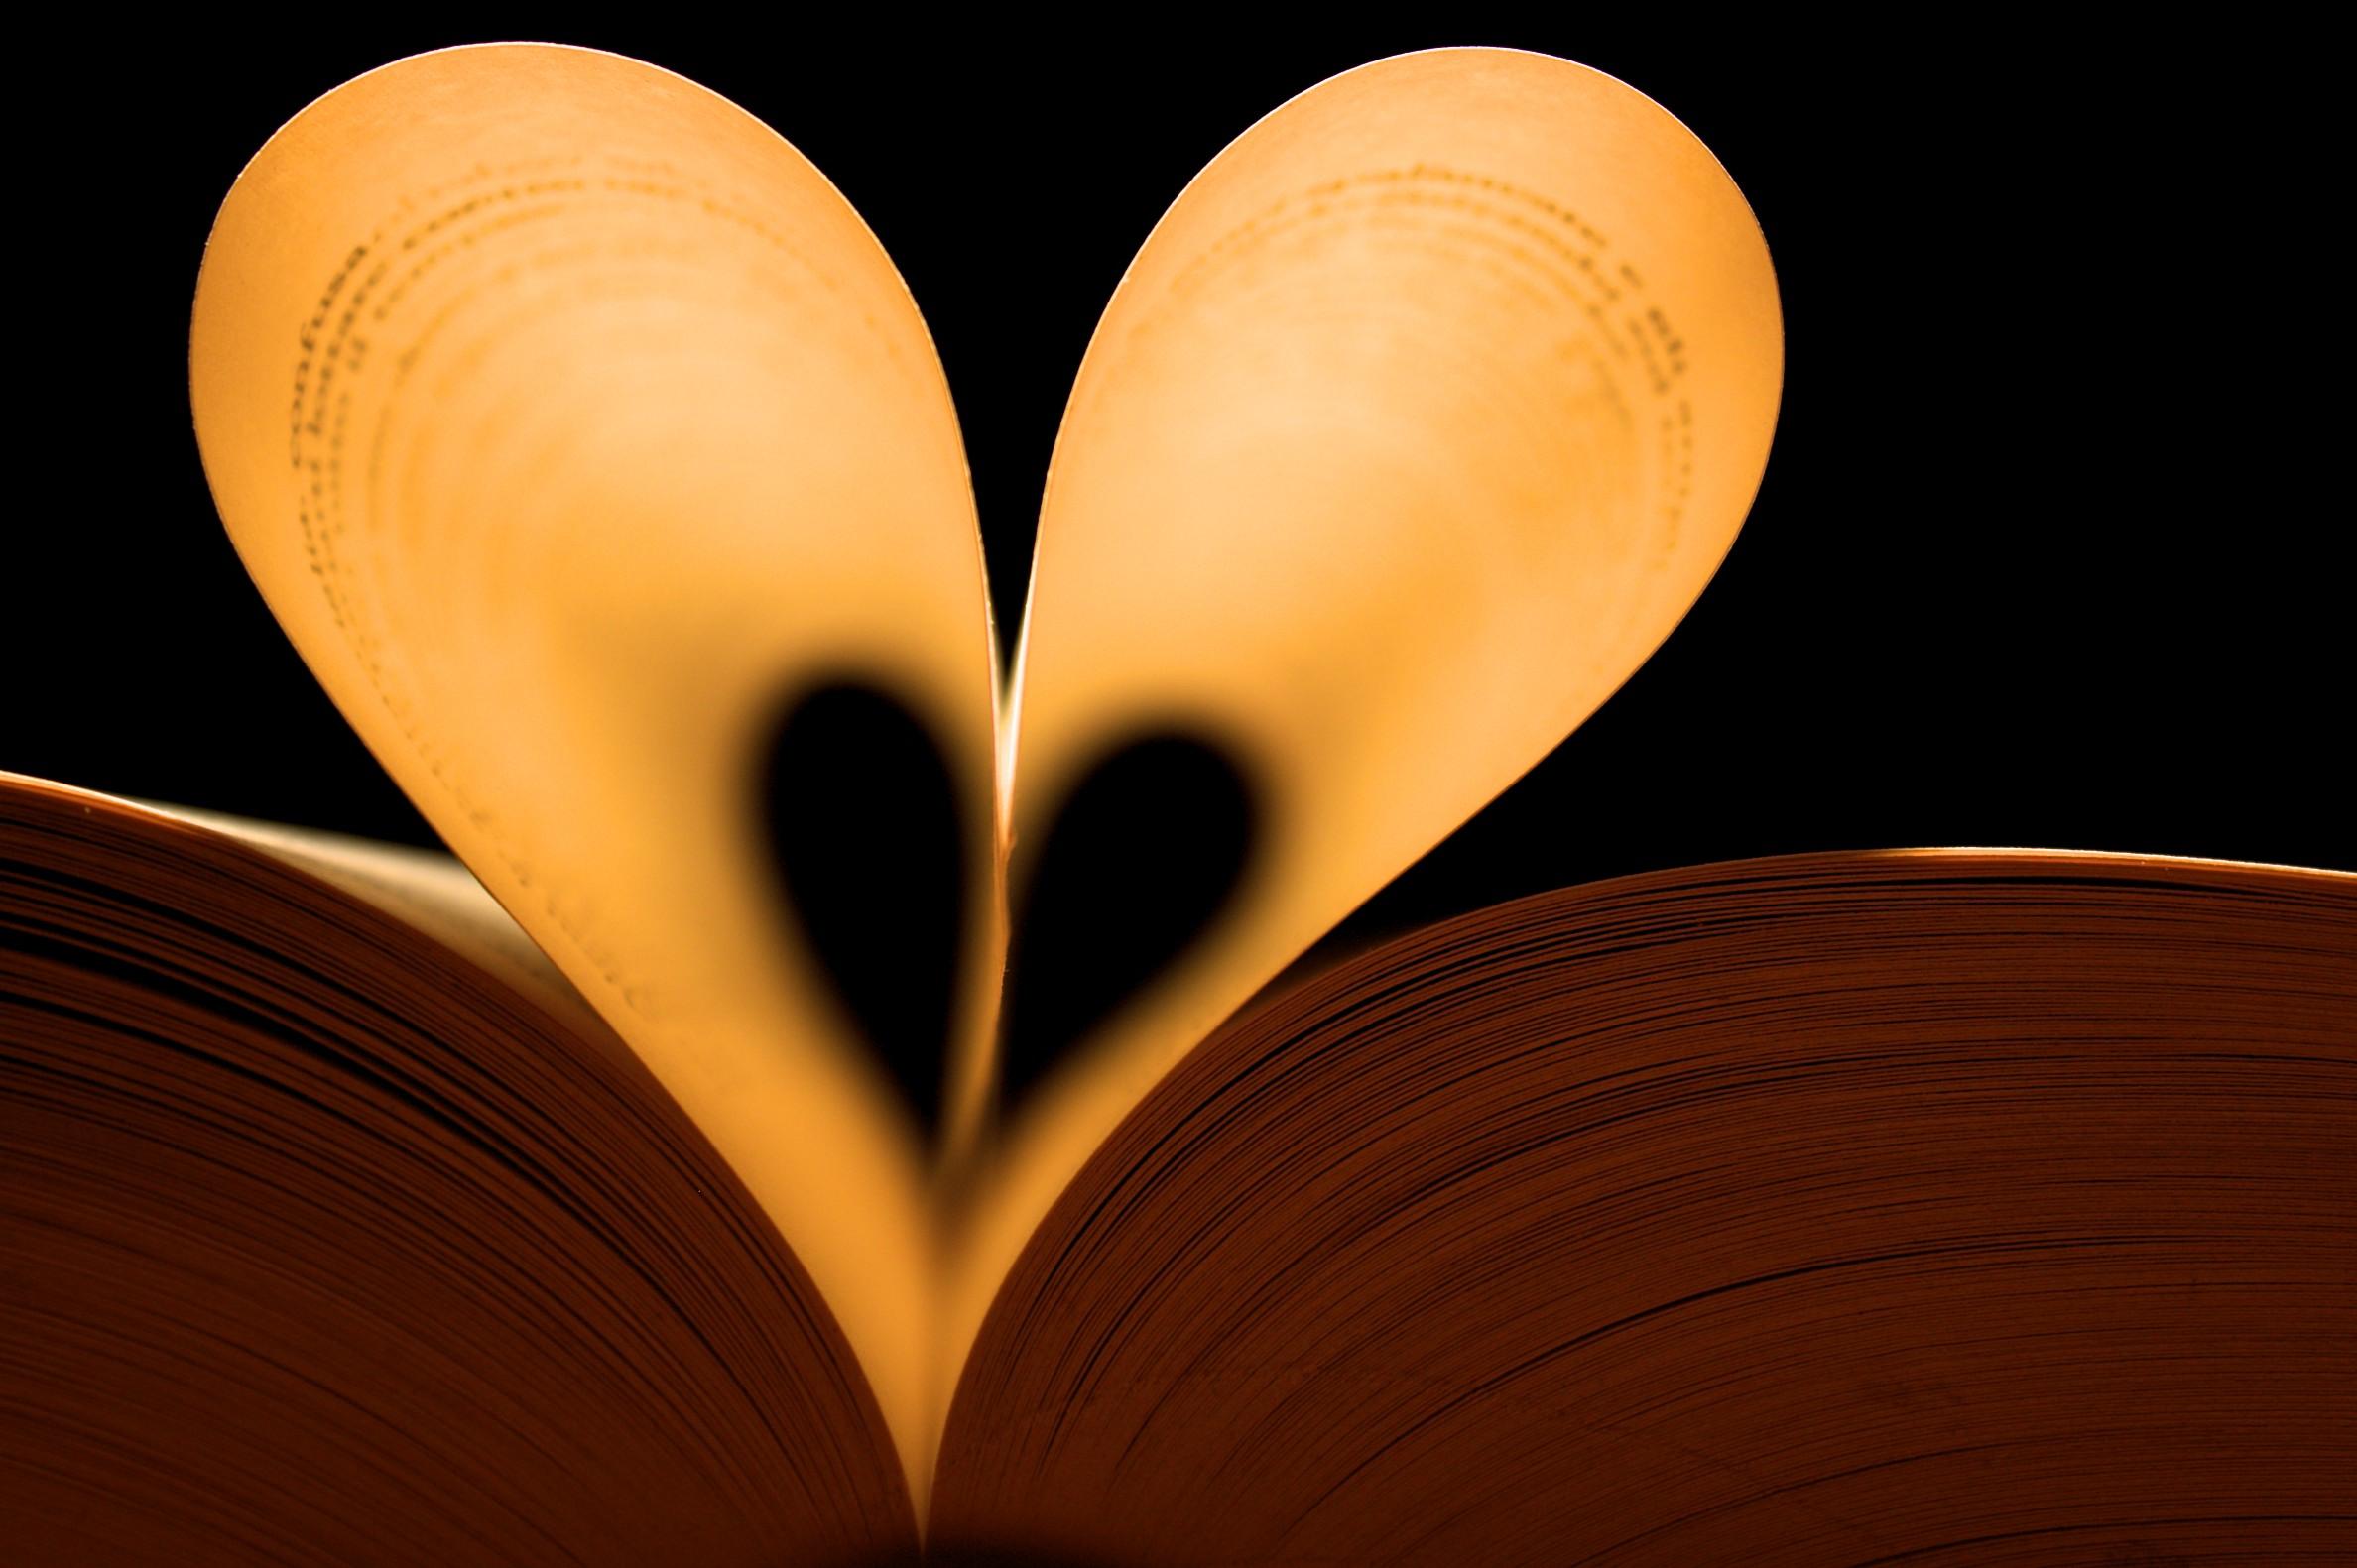 Fondos de pantalla : ilustración, amor, corazón, simetría, circulo ...